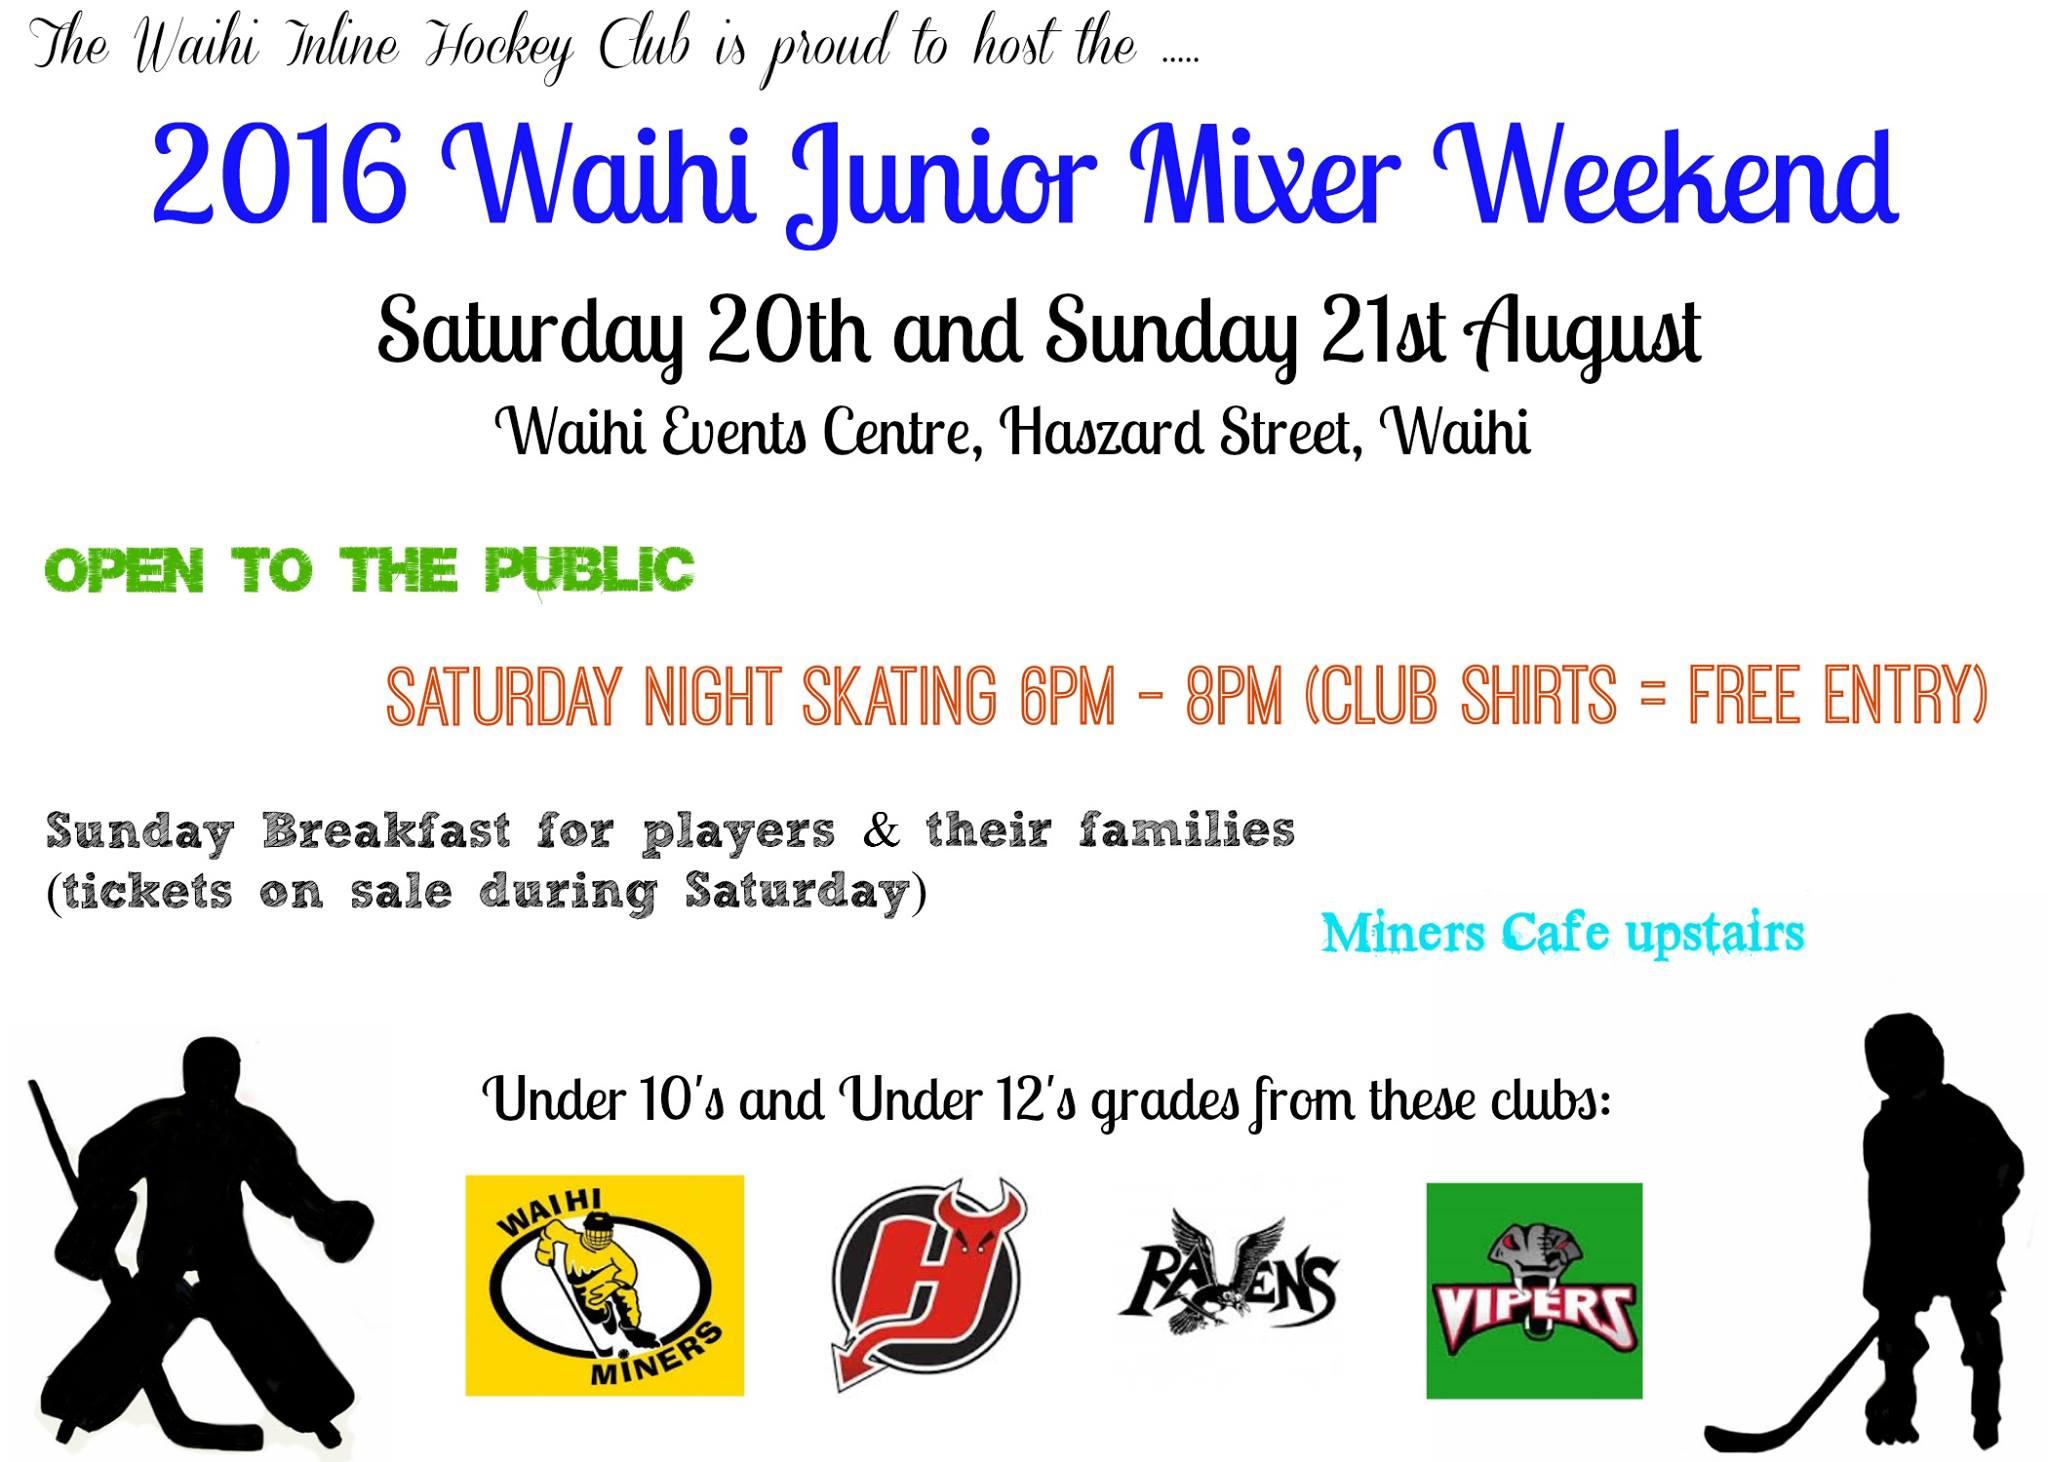 Junior Mixer Weekend